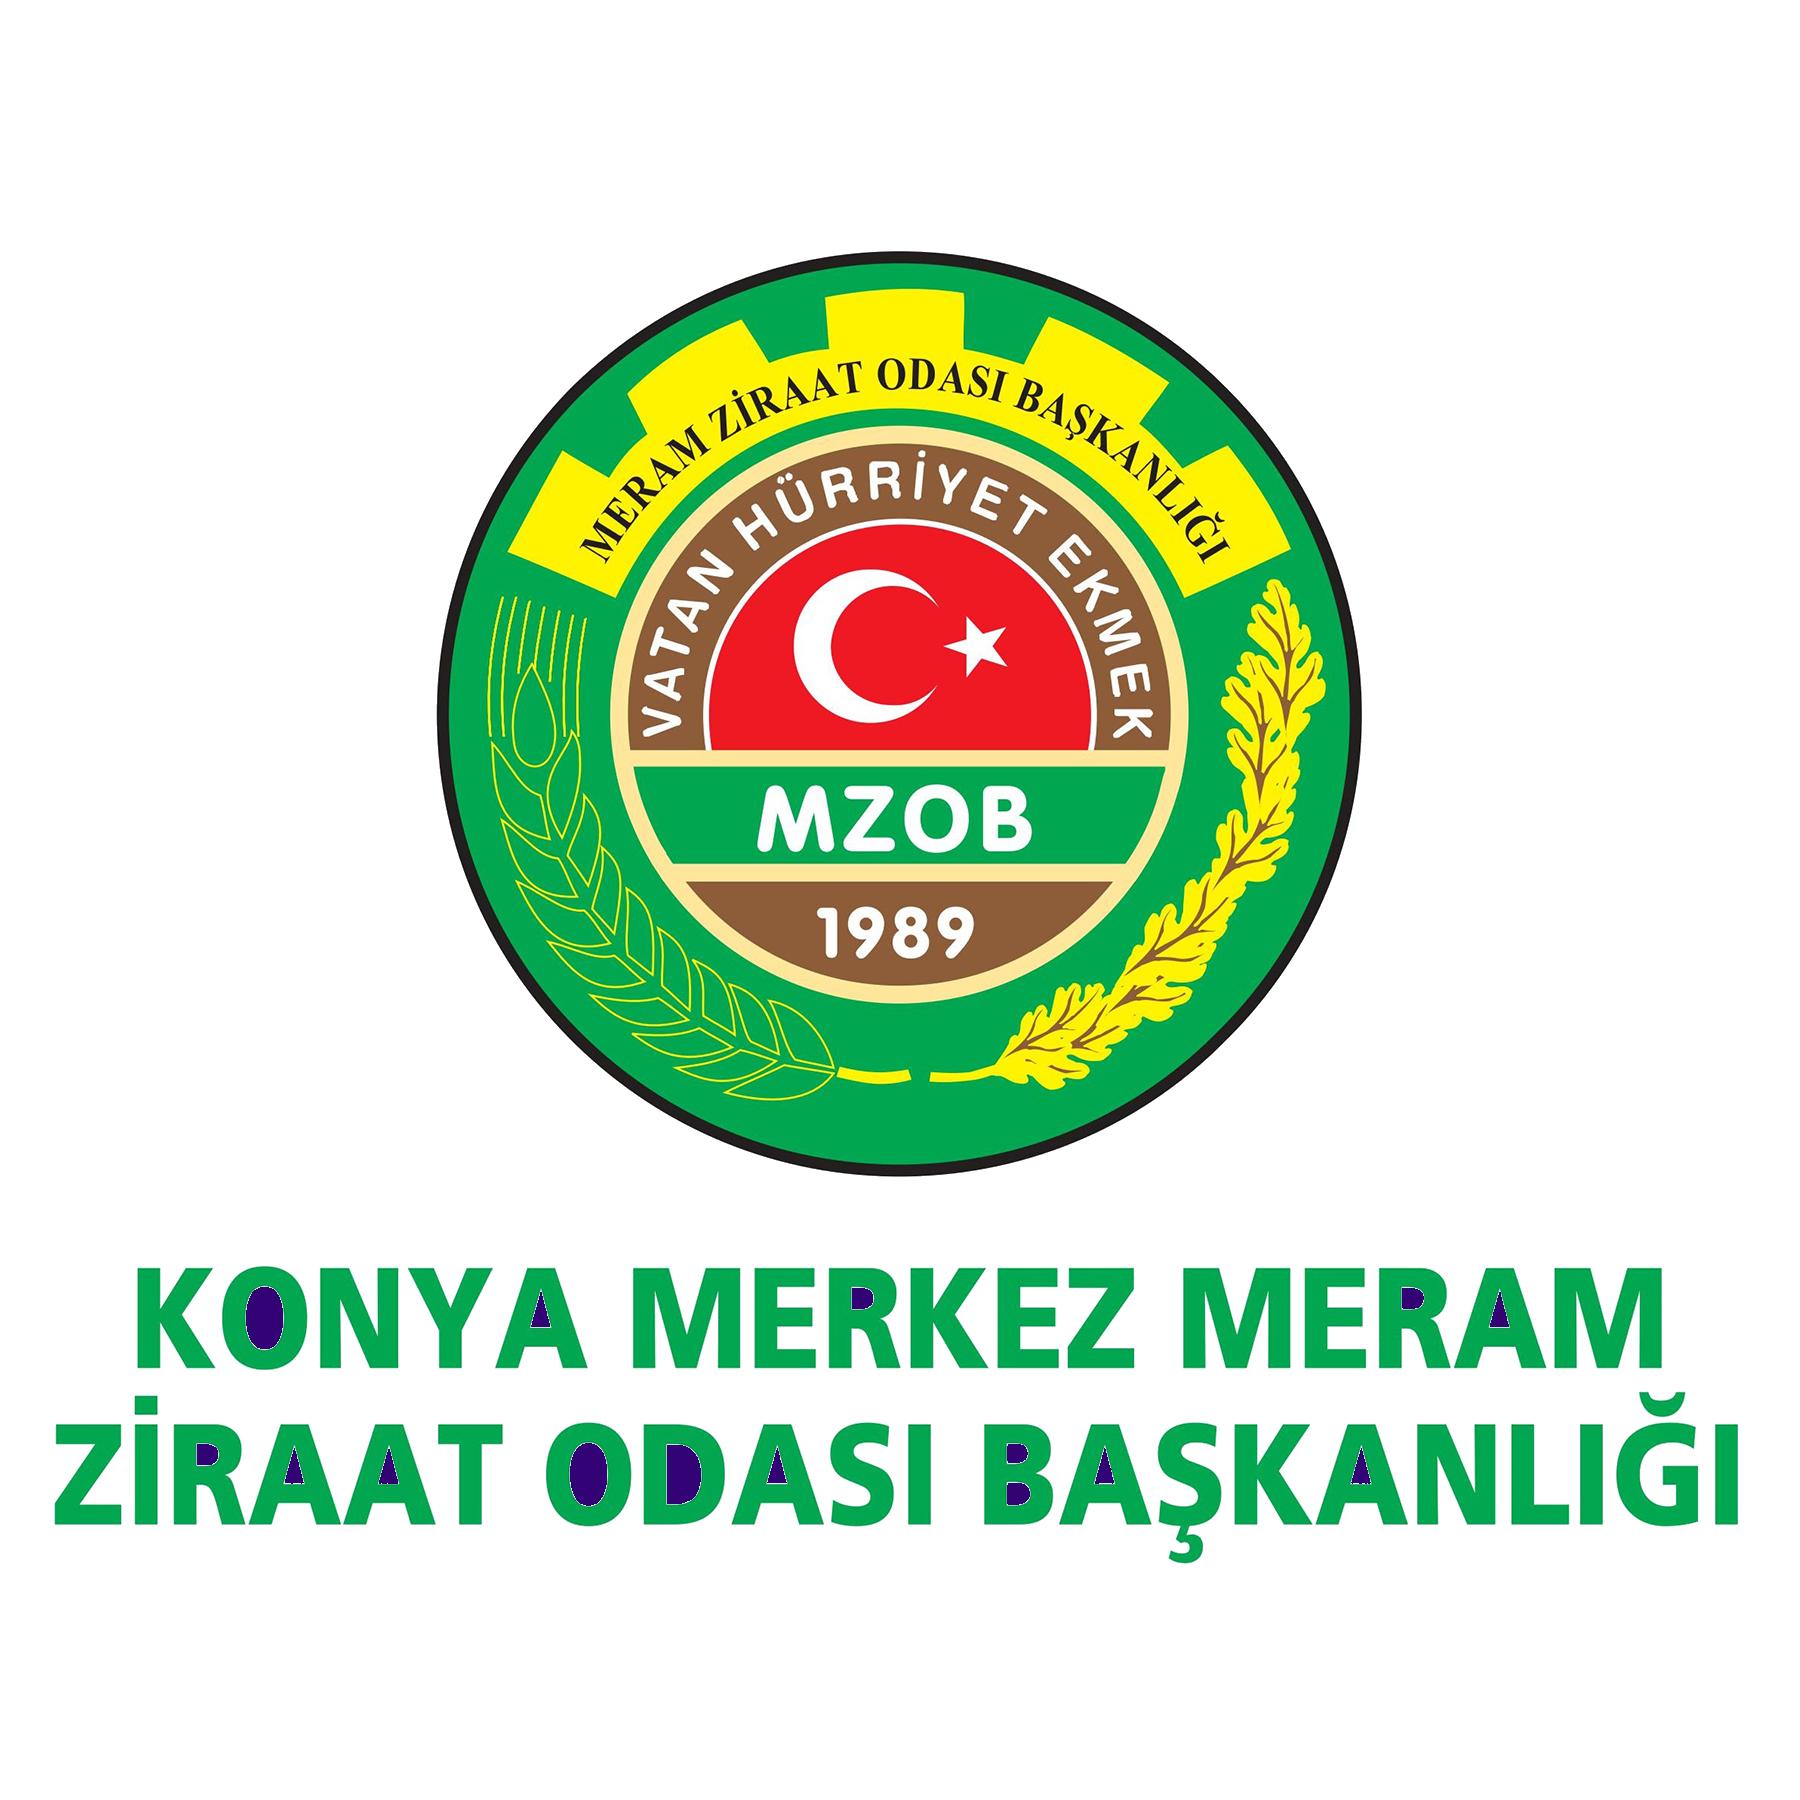 Meram Ziraat